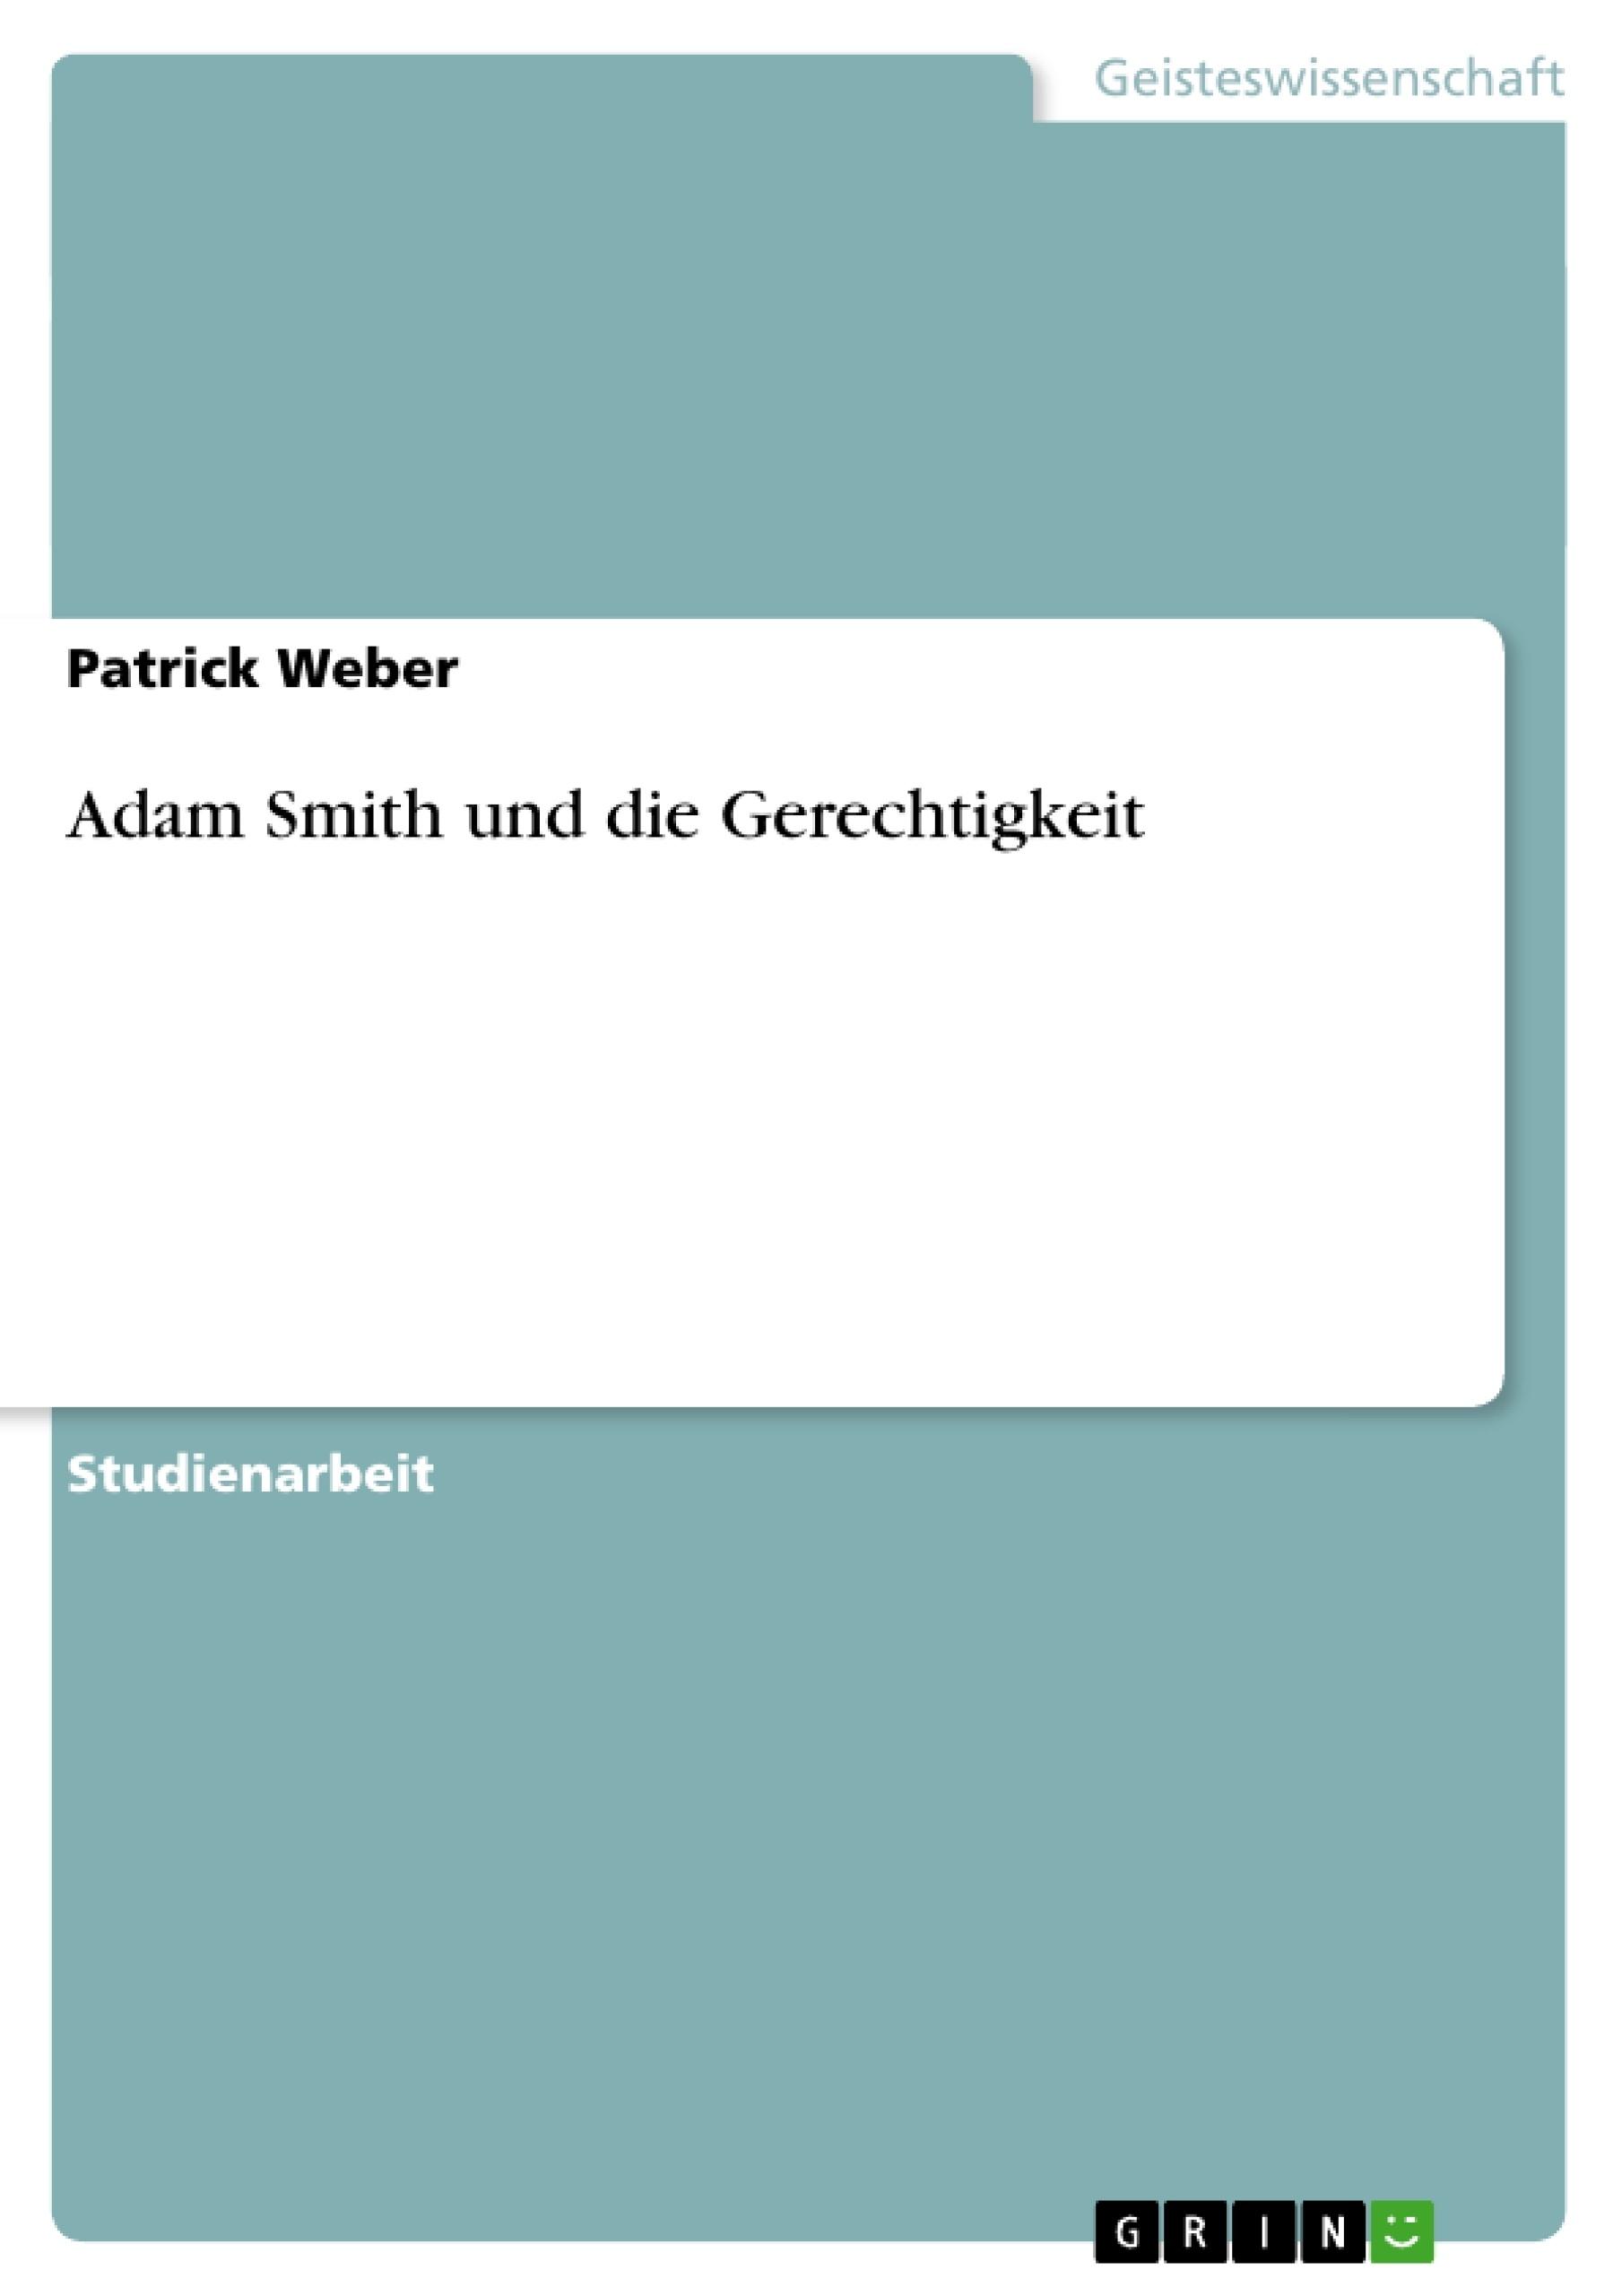 Titel: Adam Smith und die Gerechtigkeit